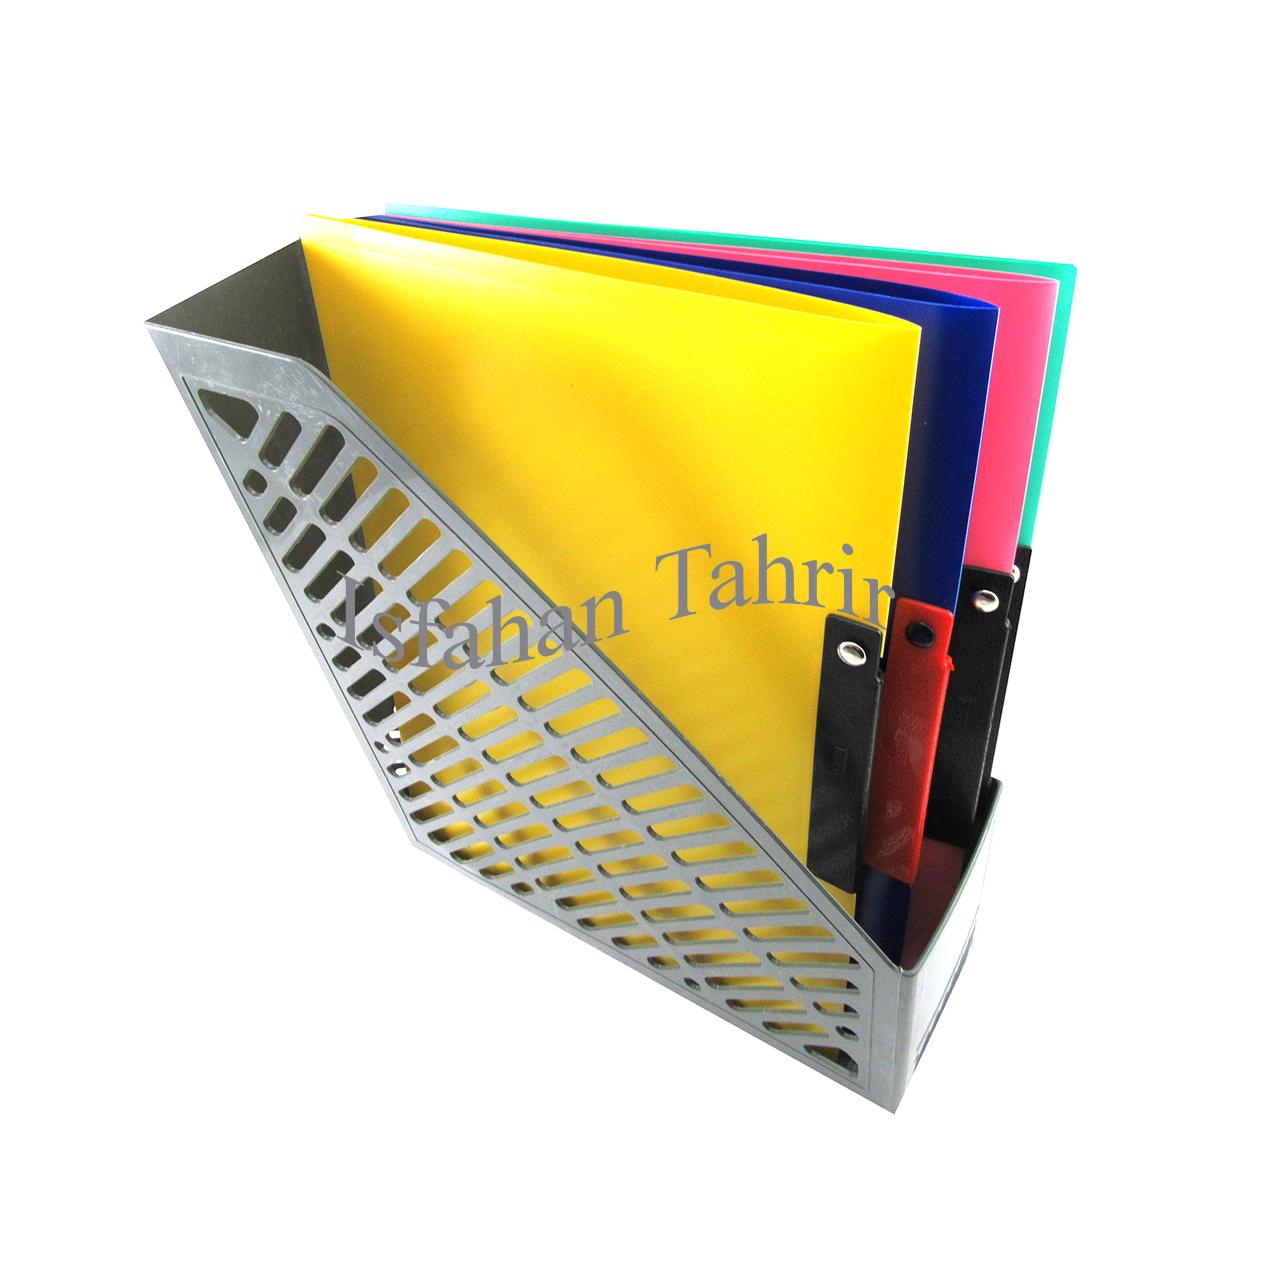 کلیپ فایل تاپکو